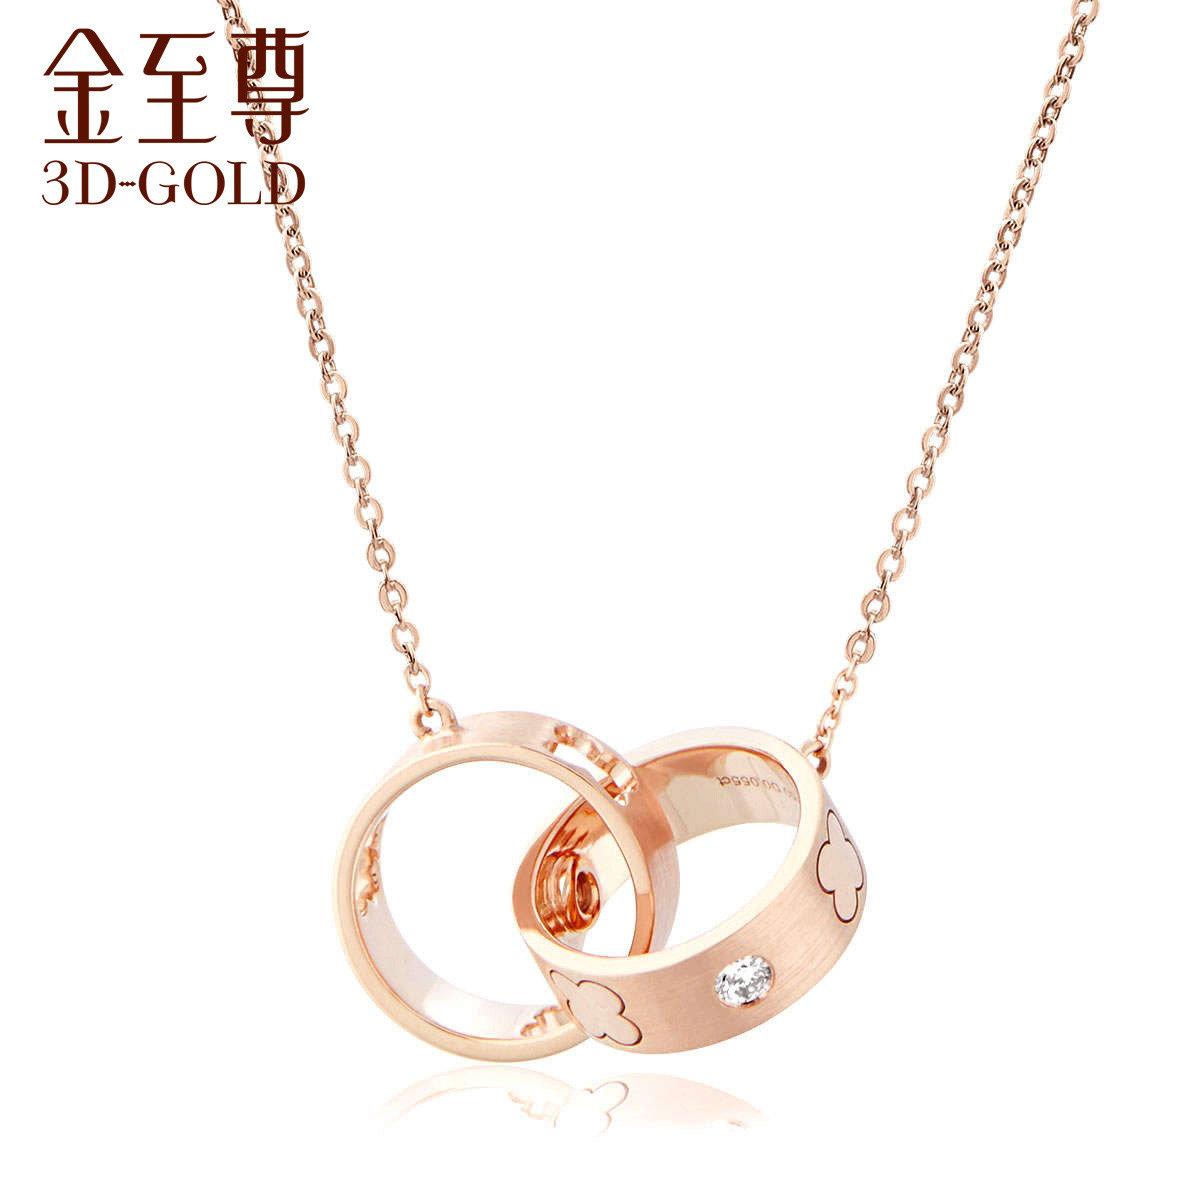 幸福花系列 18K/750金(紅色)鑲鑽石頸鏈